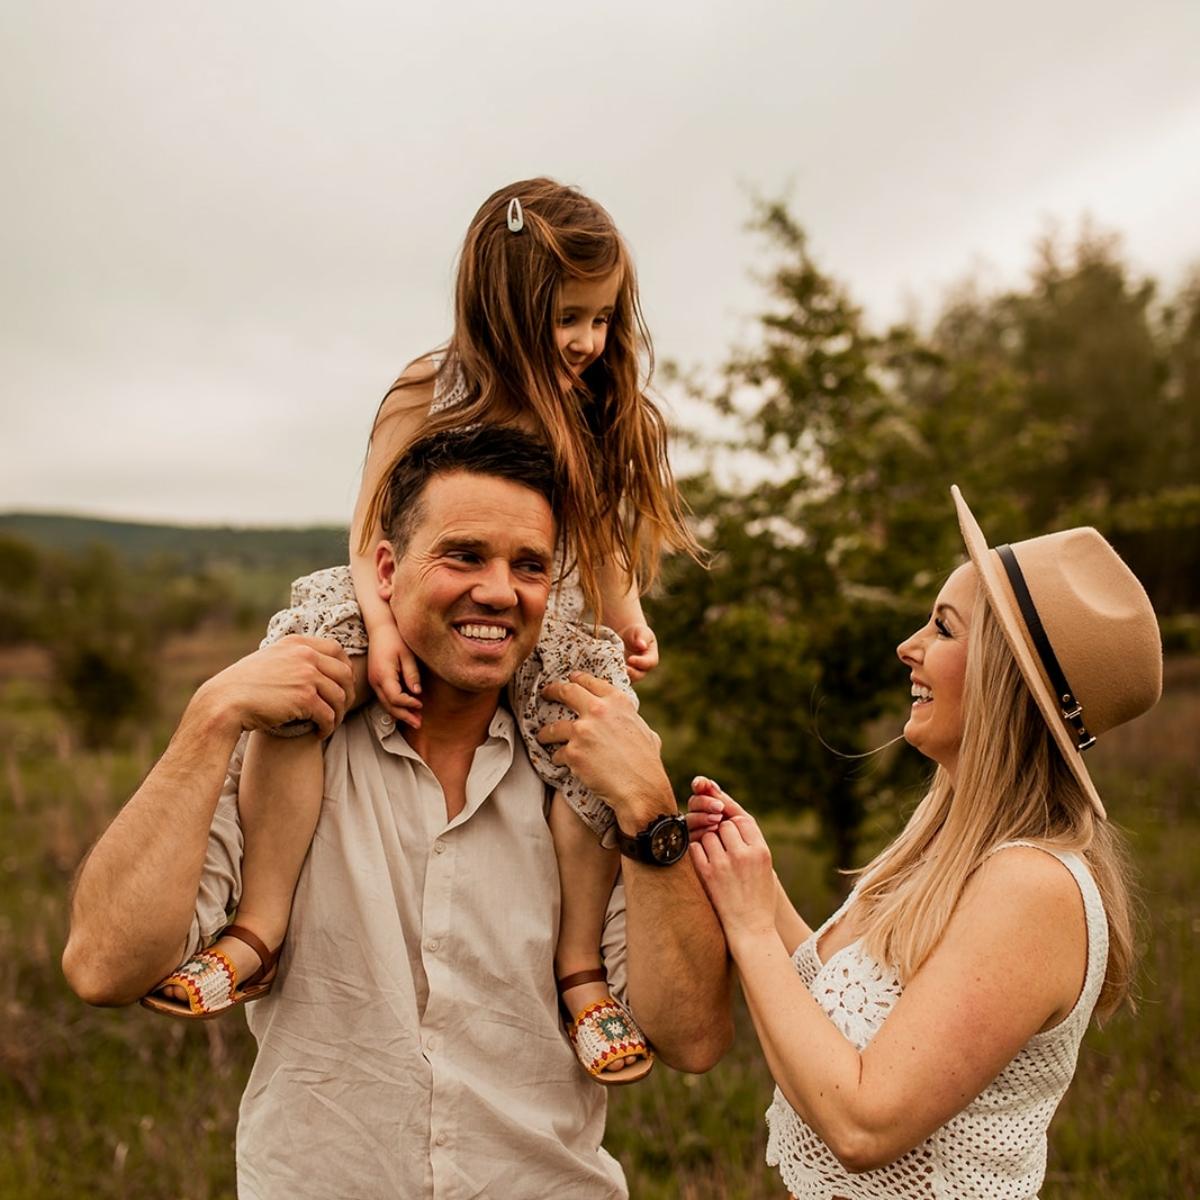 Foto von Familie mit Kindern Outdoor natürlich bei Fmailien Fotoshooting in Hameln Bad Eilsen